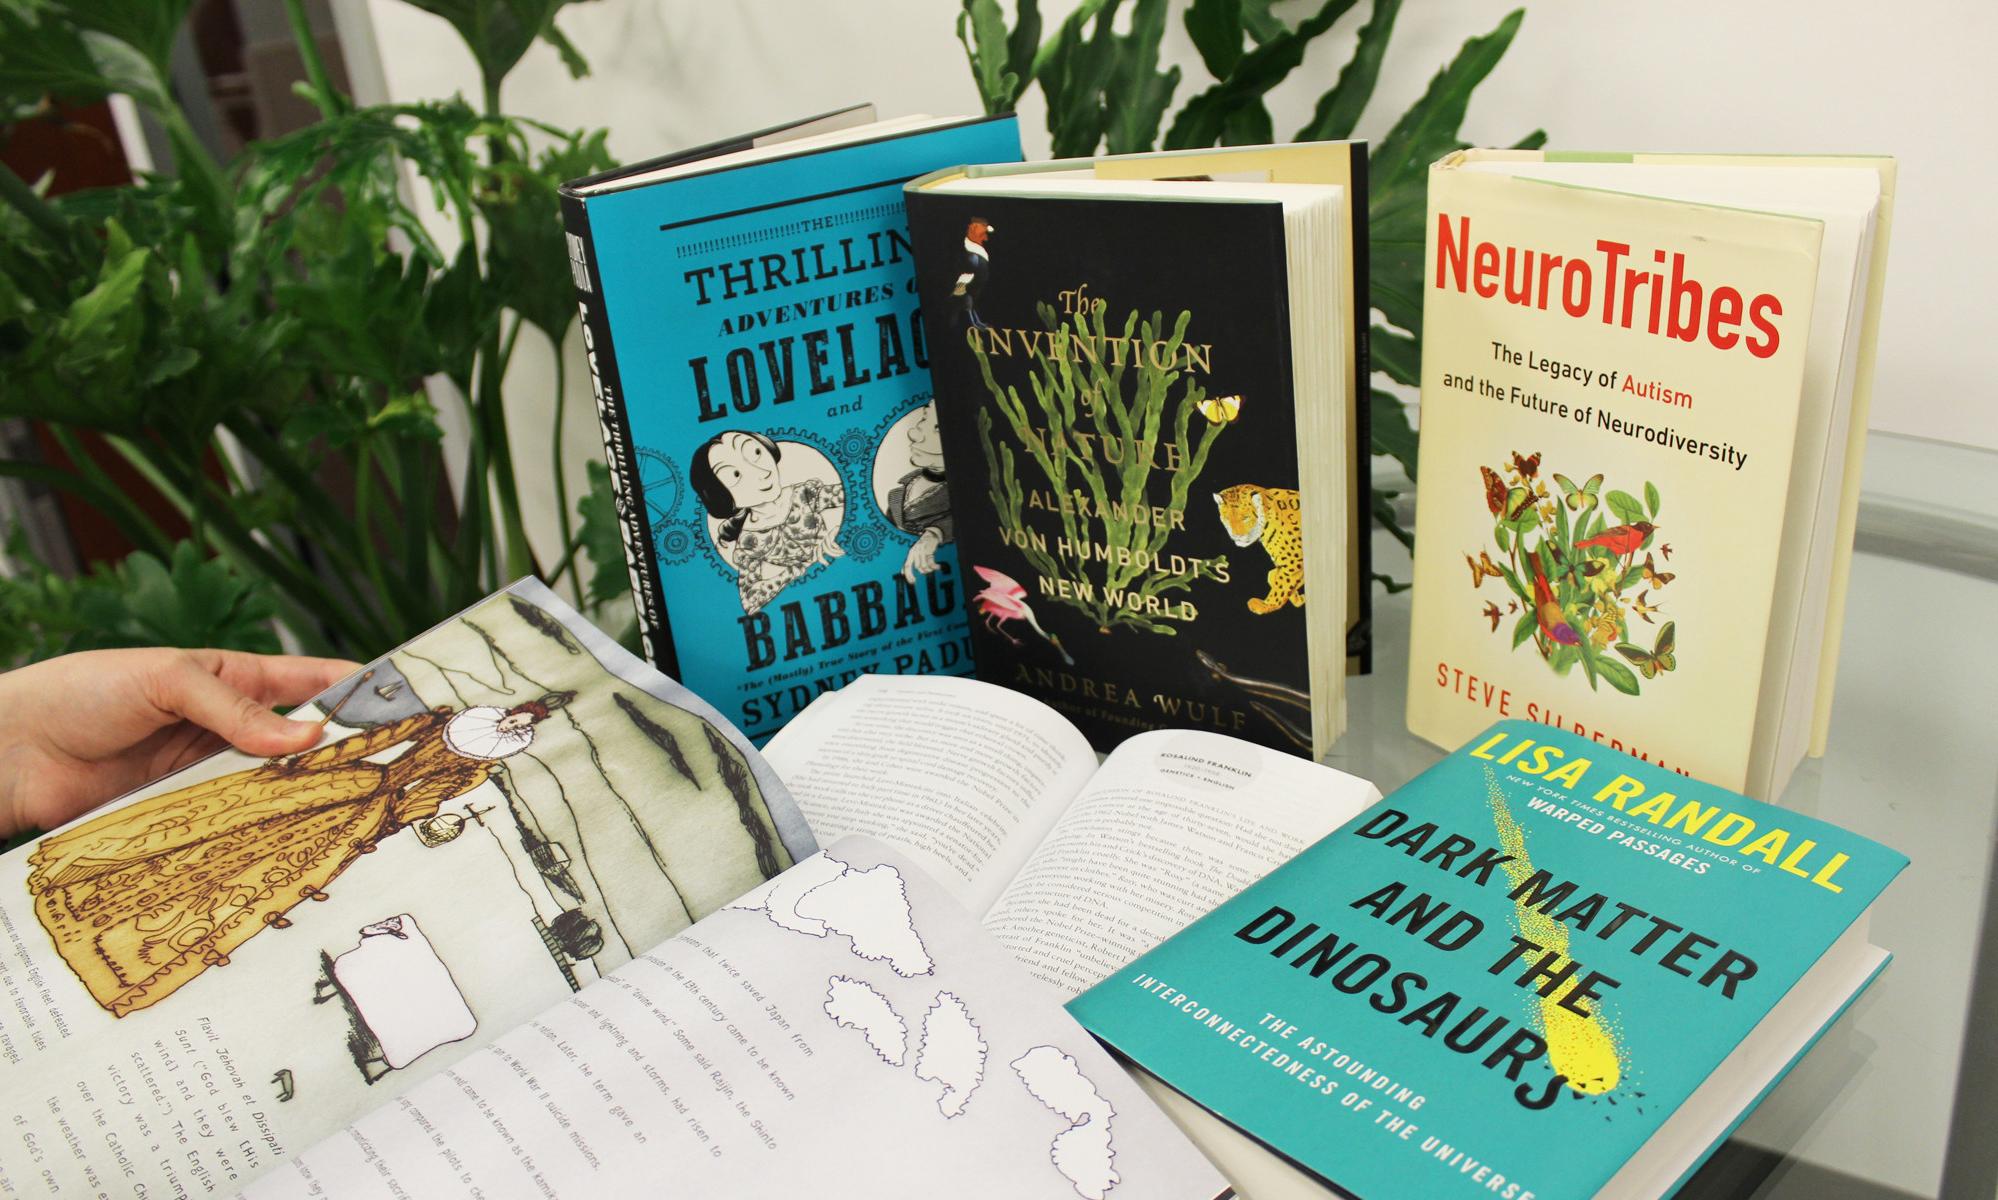 10 من أهم الكتب المنوعة والمفيدة المرشحة للقراءة